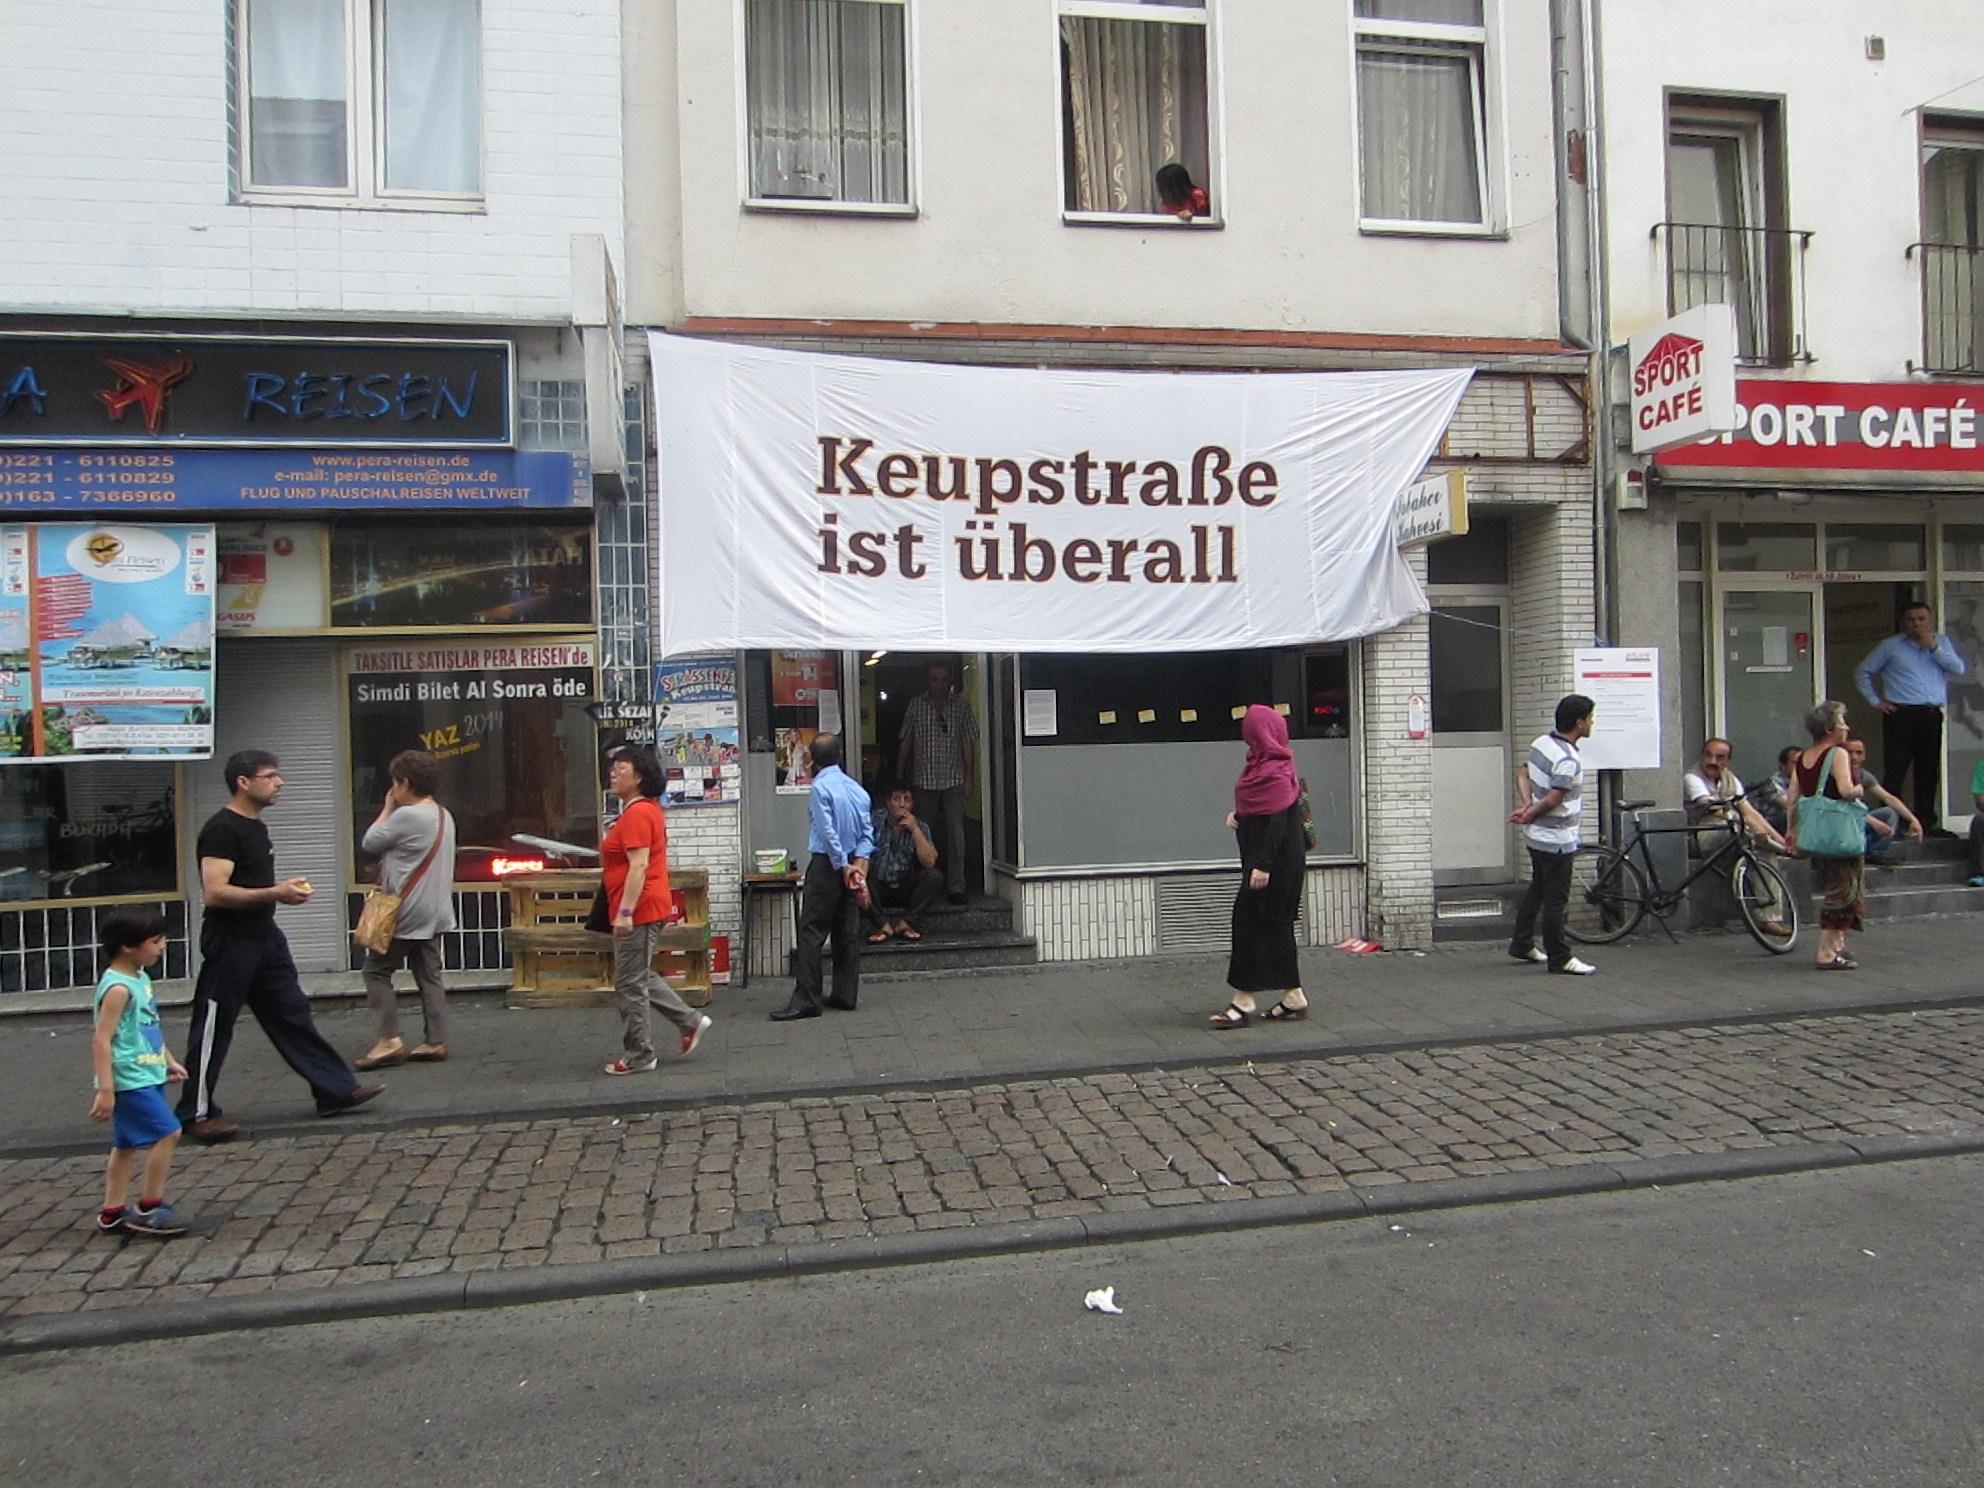 Keupstraße Ist überall